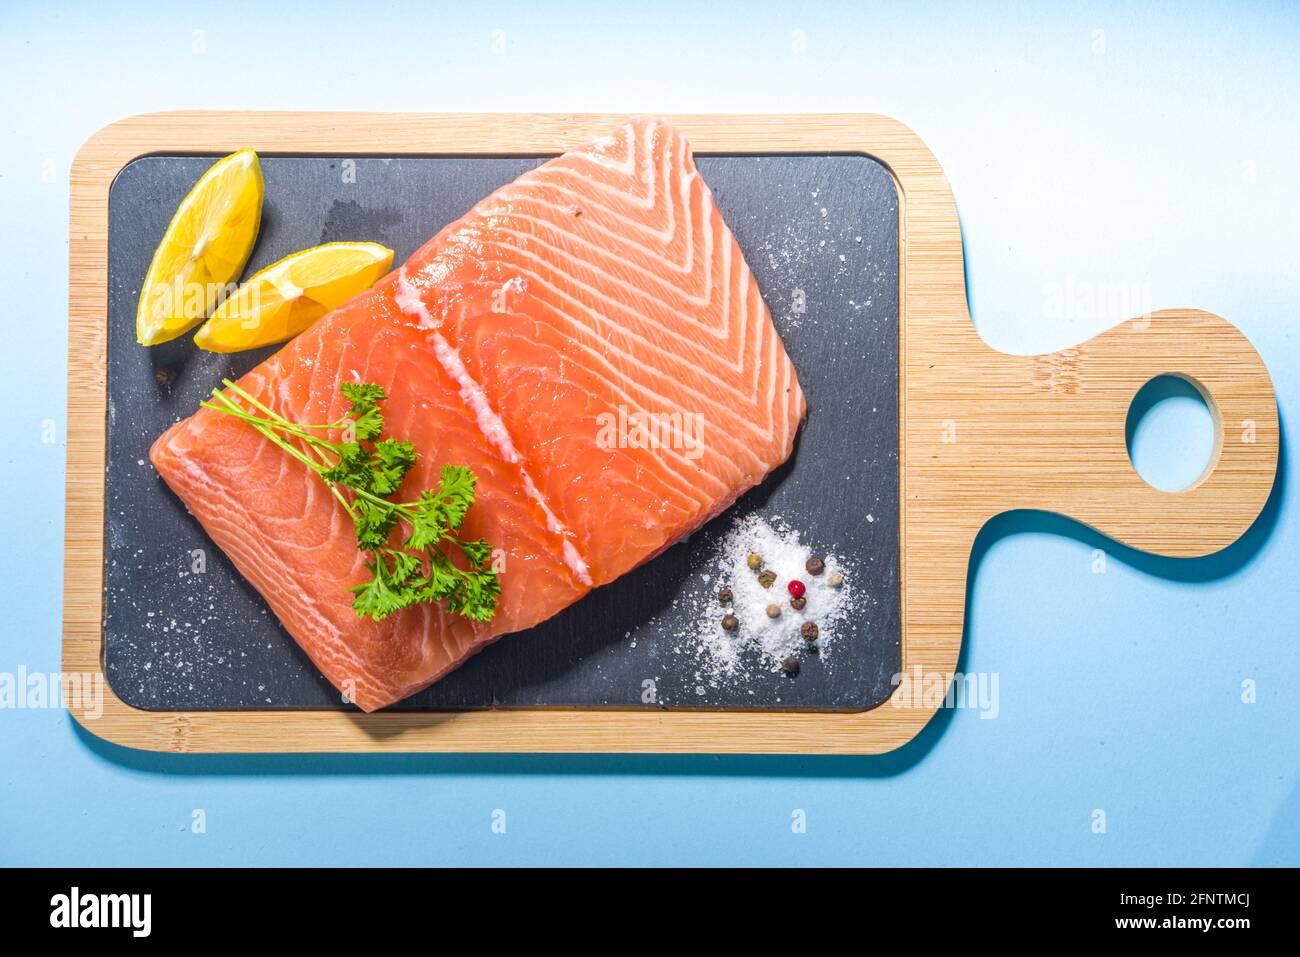 Steak de saumon frais cru aux épices pour la cuisine, préparation de la nourriture arrière-plan vue de dessus espace copie Banque D'Images